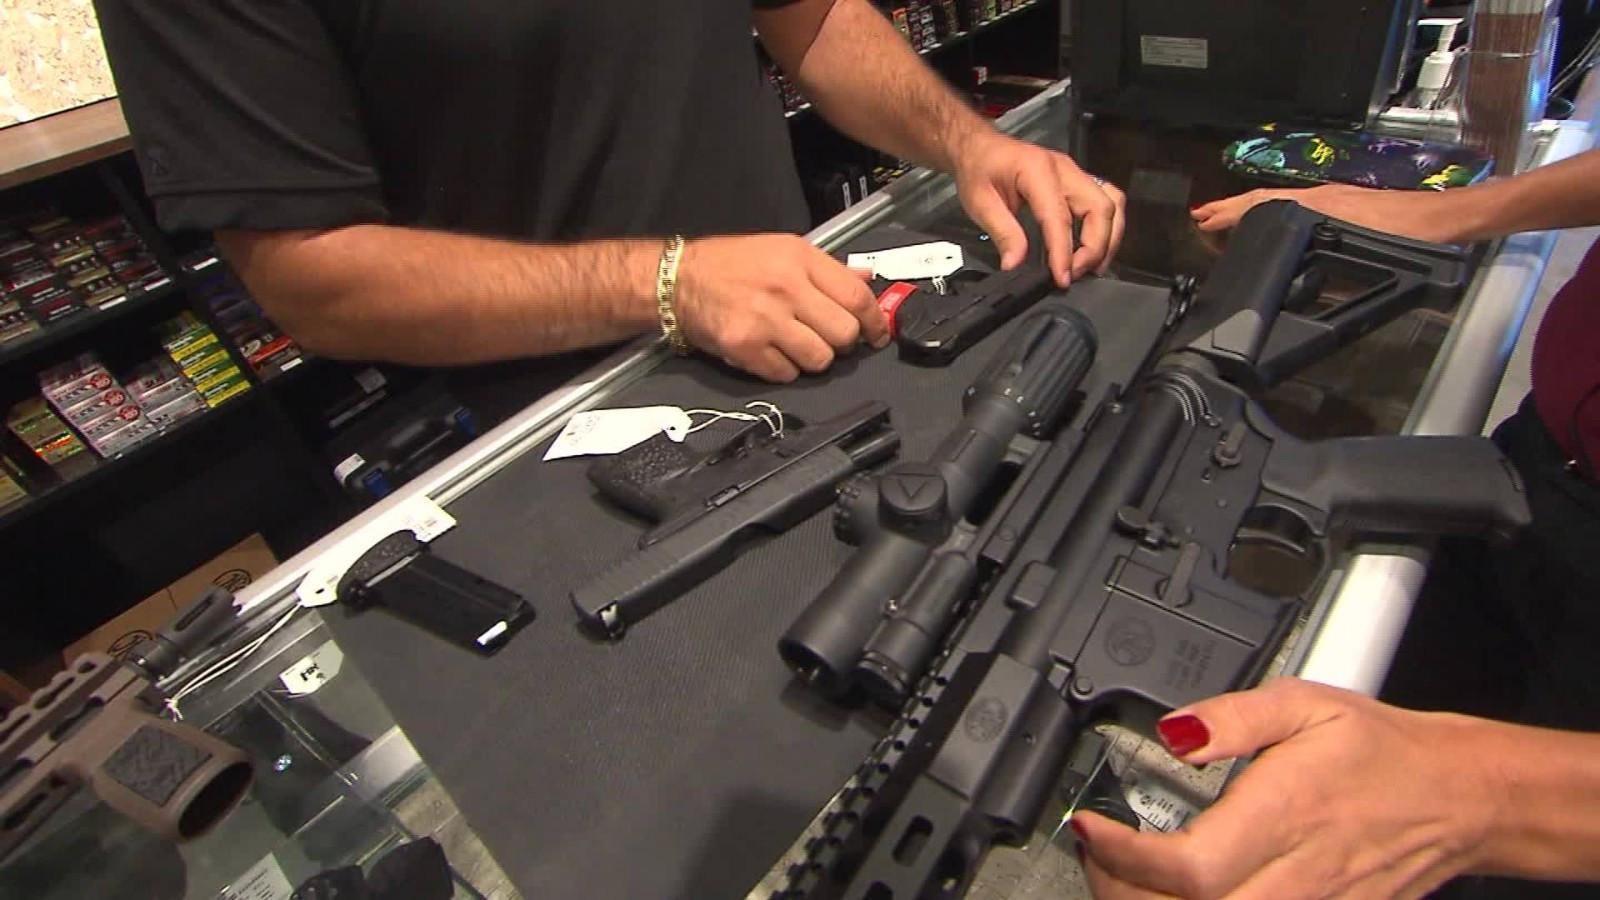 Amnistía Internacional emite alerta para viajeros a EE. UU. por altos niveles de violencia armada